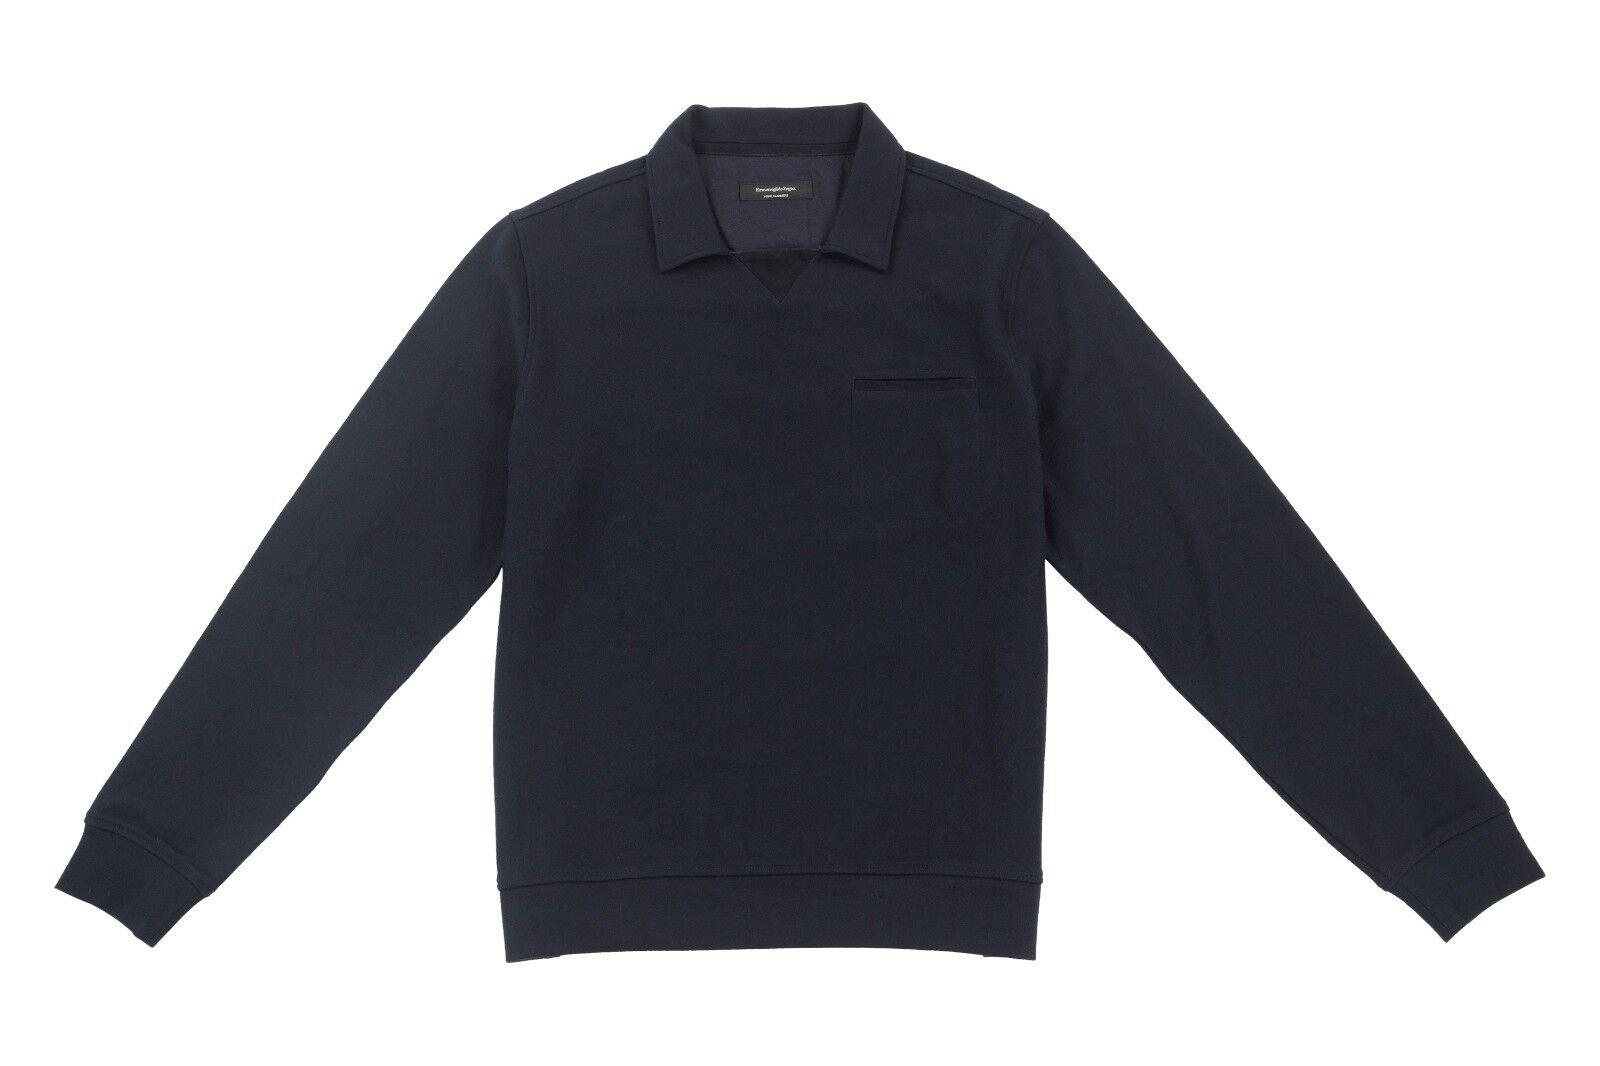 Ermenegildo Zegna Pure Cashmere 38US/48EU Long Sleeve Polo Sweater Navy Blau